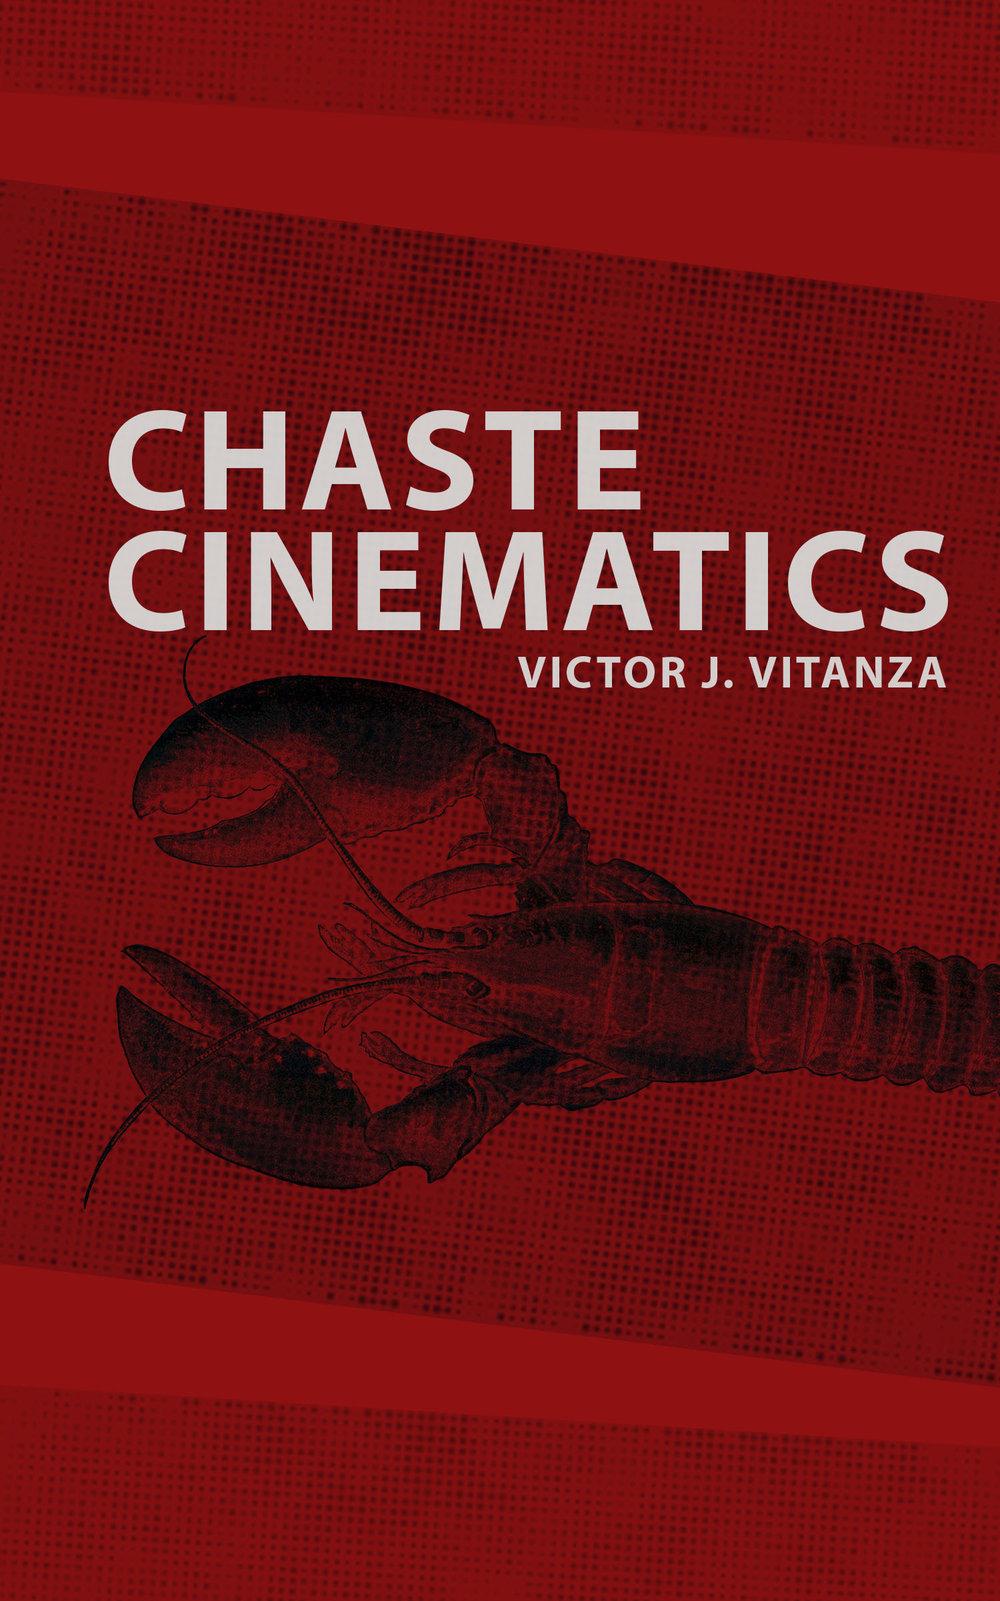 Chaste Cinematics. [Victor Vitanza.] 2015.